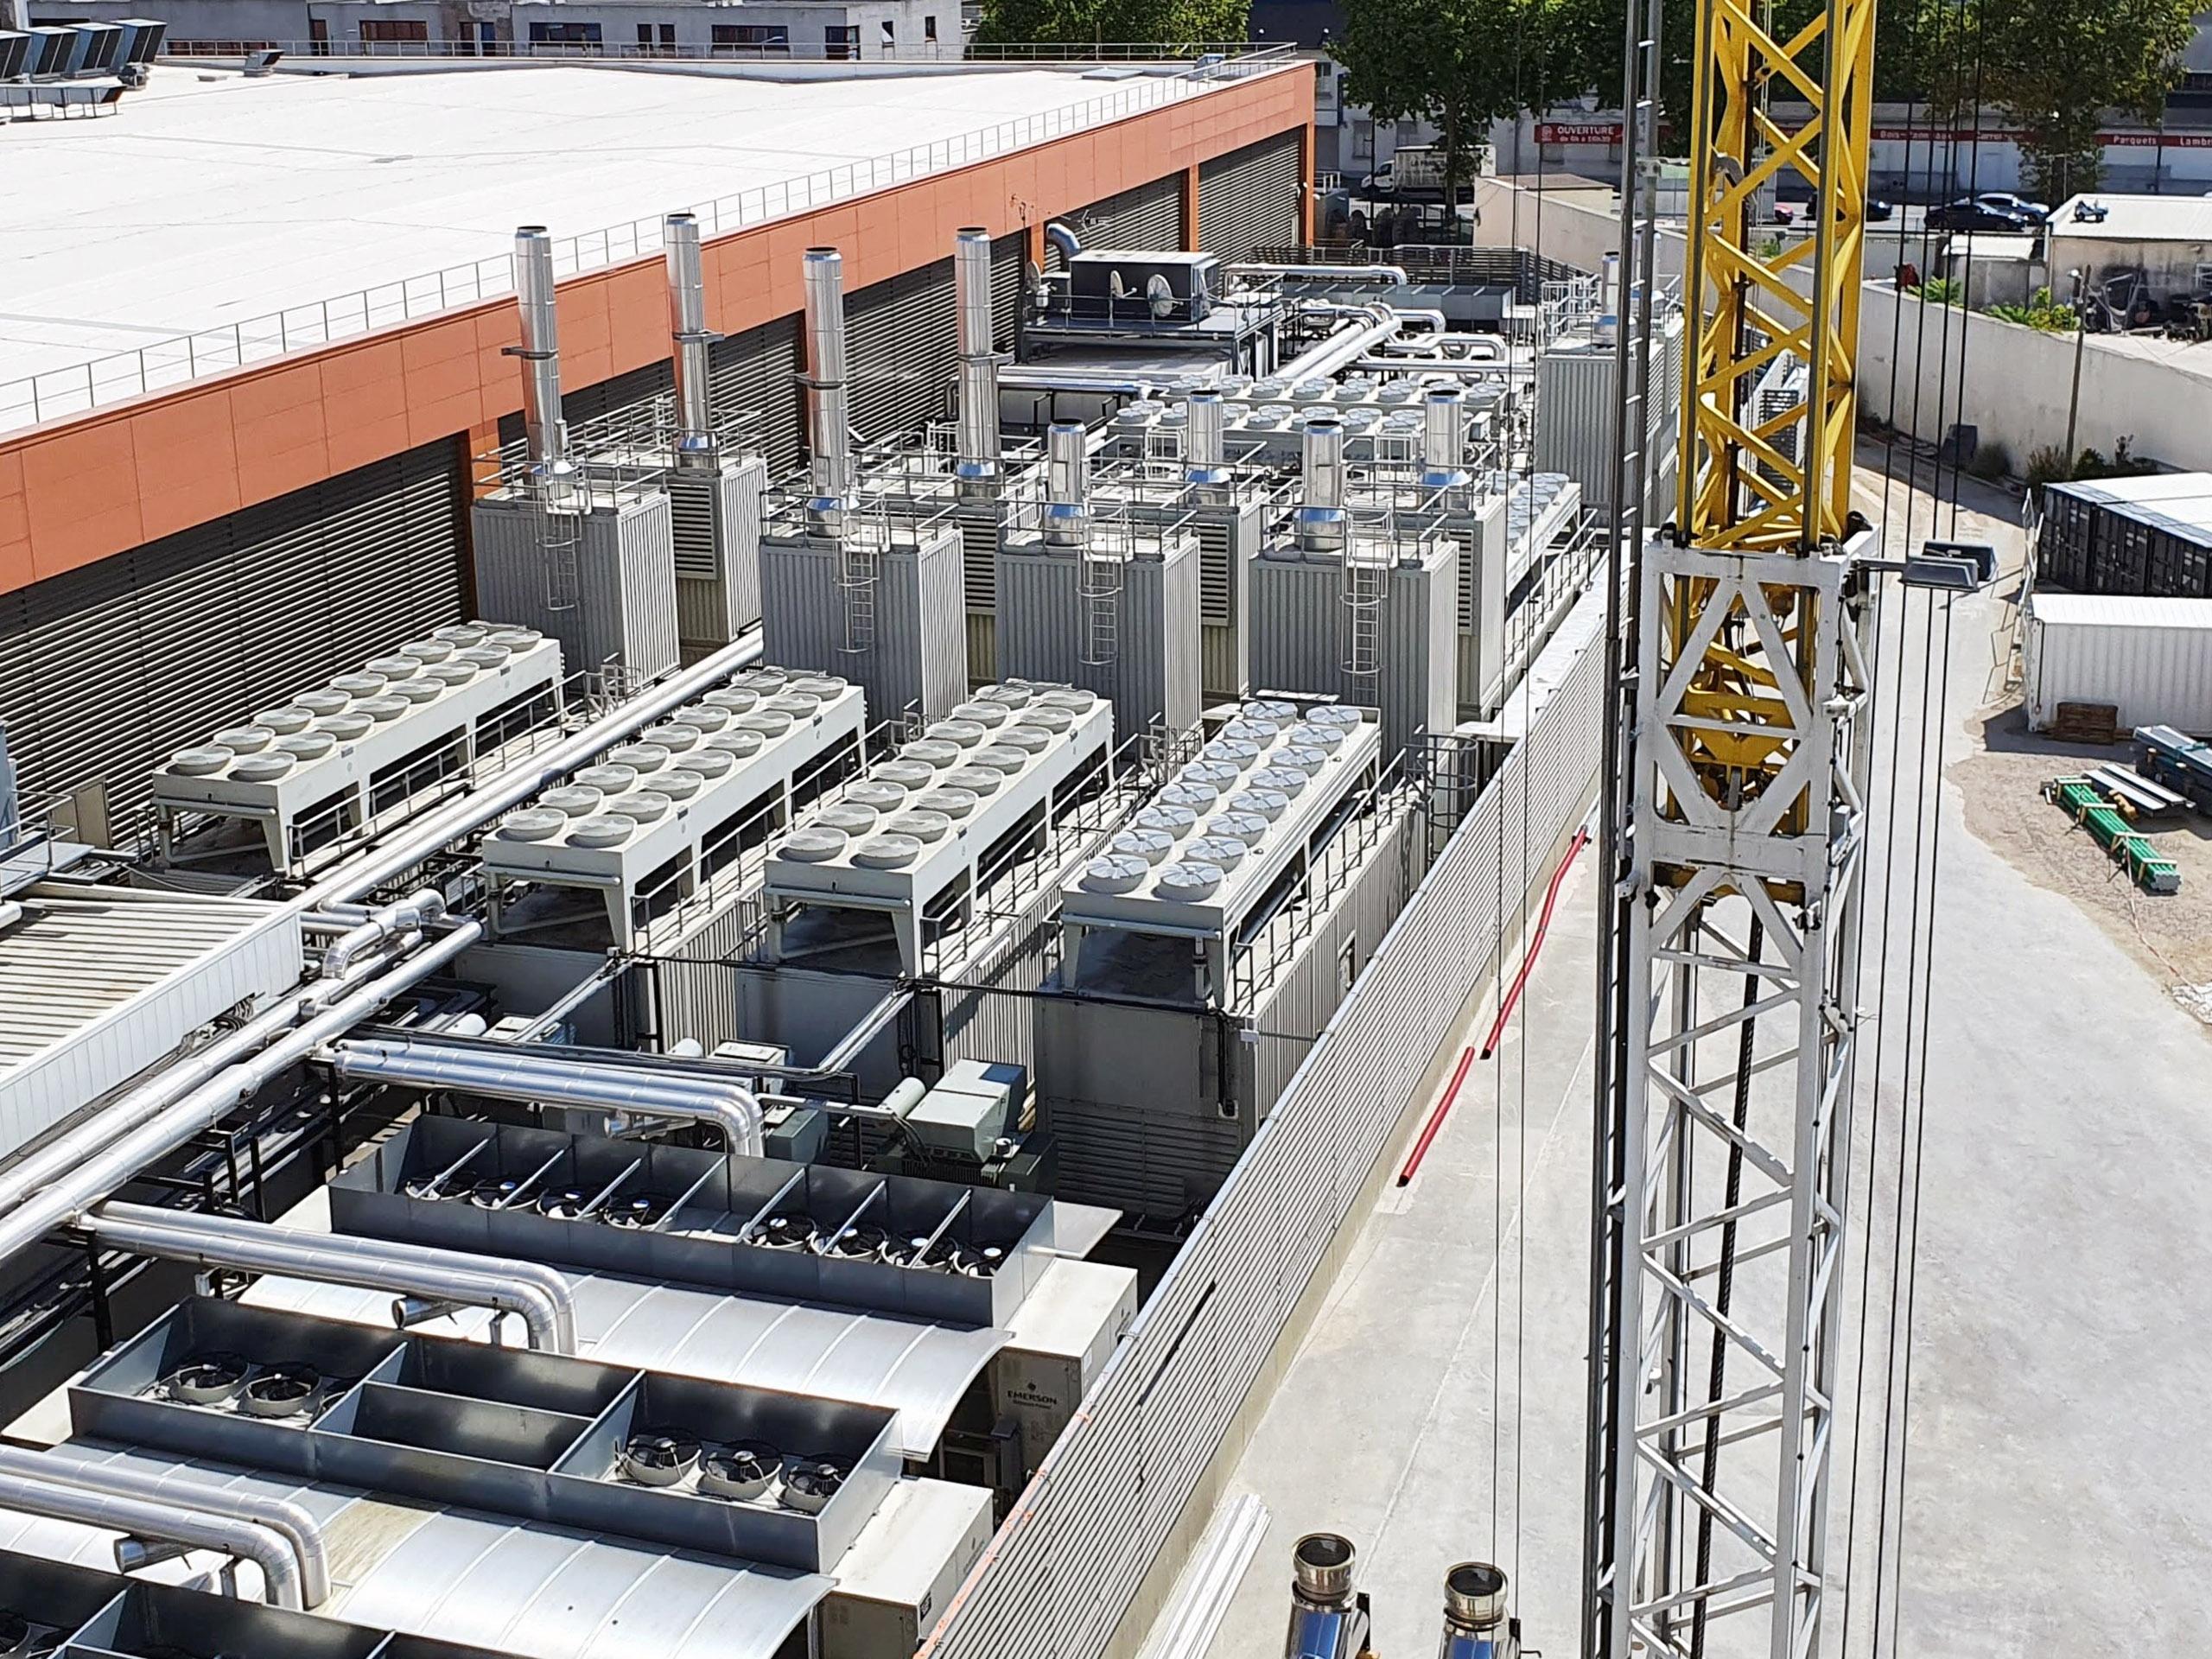 Las instalaciones de Centro de Datos requieren una red de generadores de energía de respaldo para garantizar el suministro de energía ininterrumpido